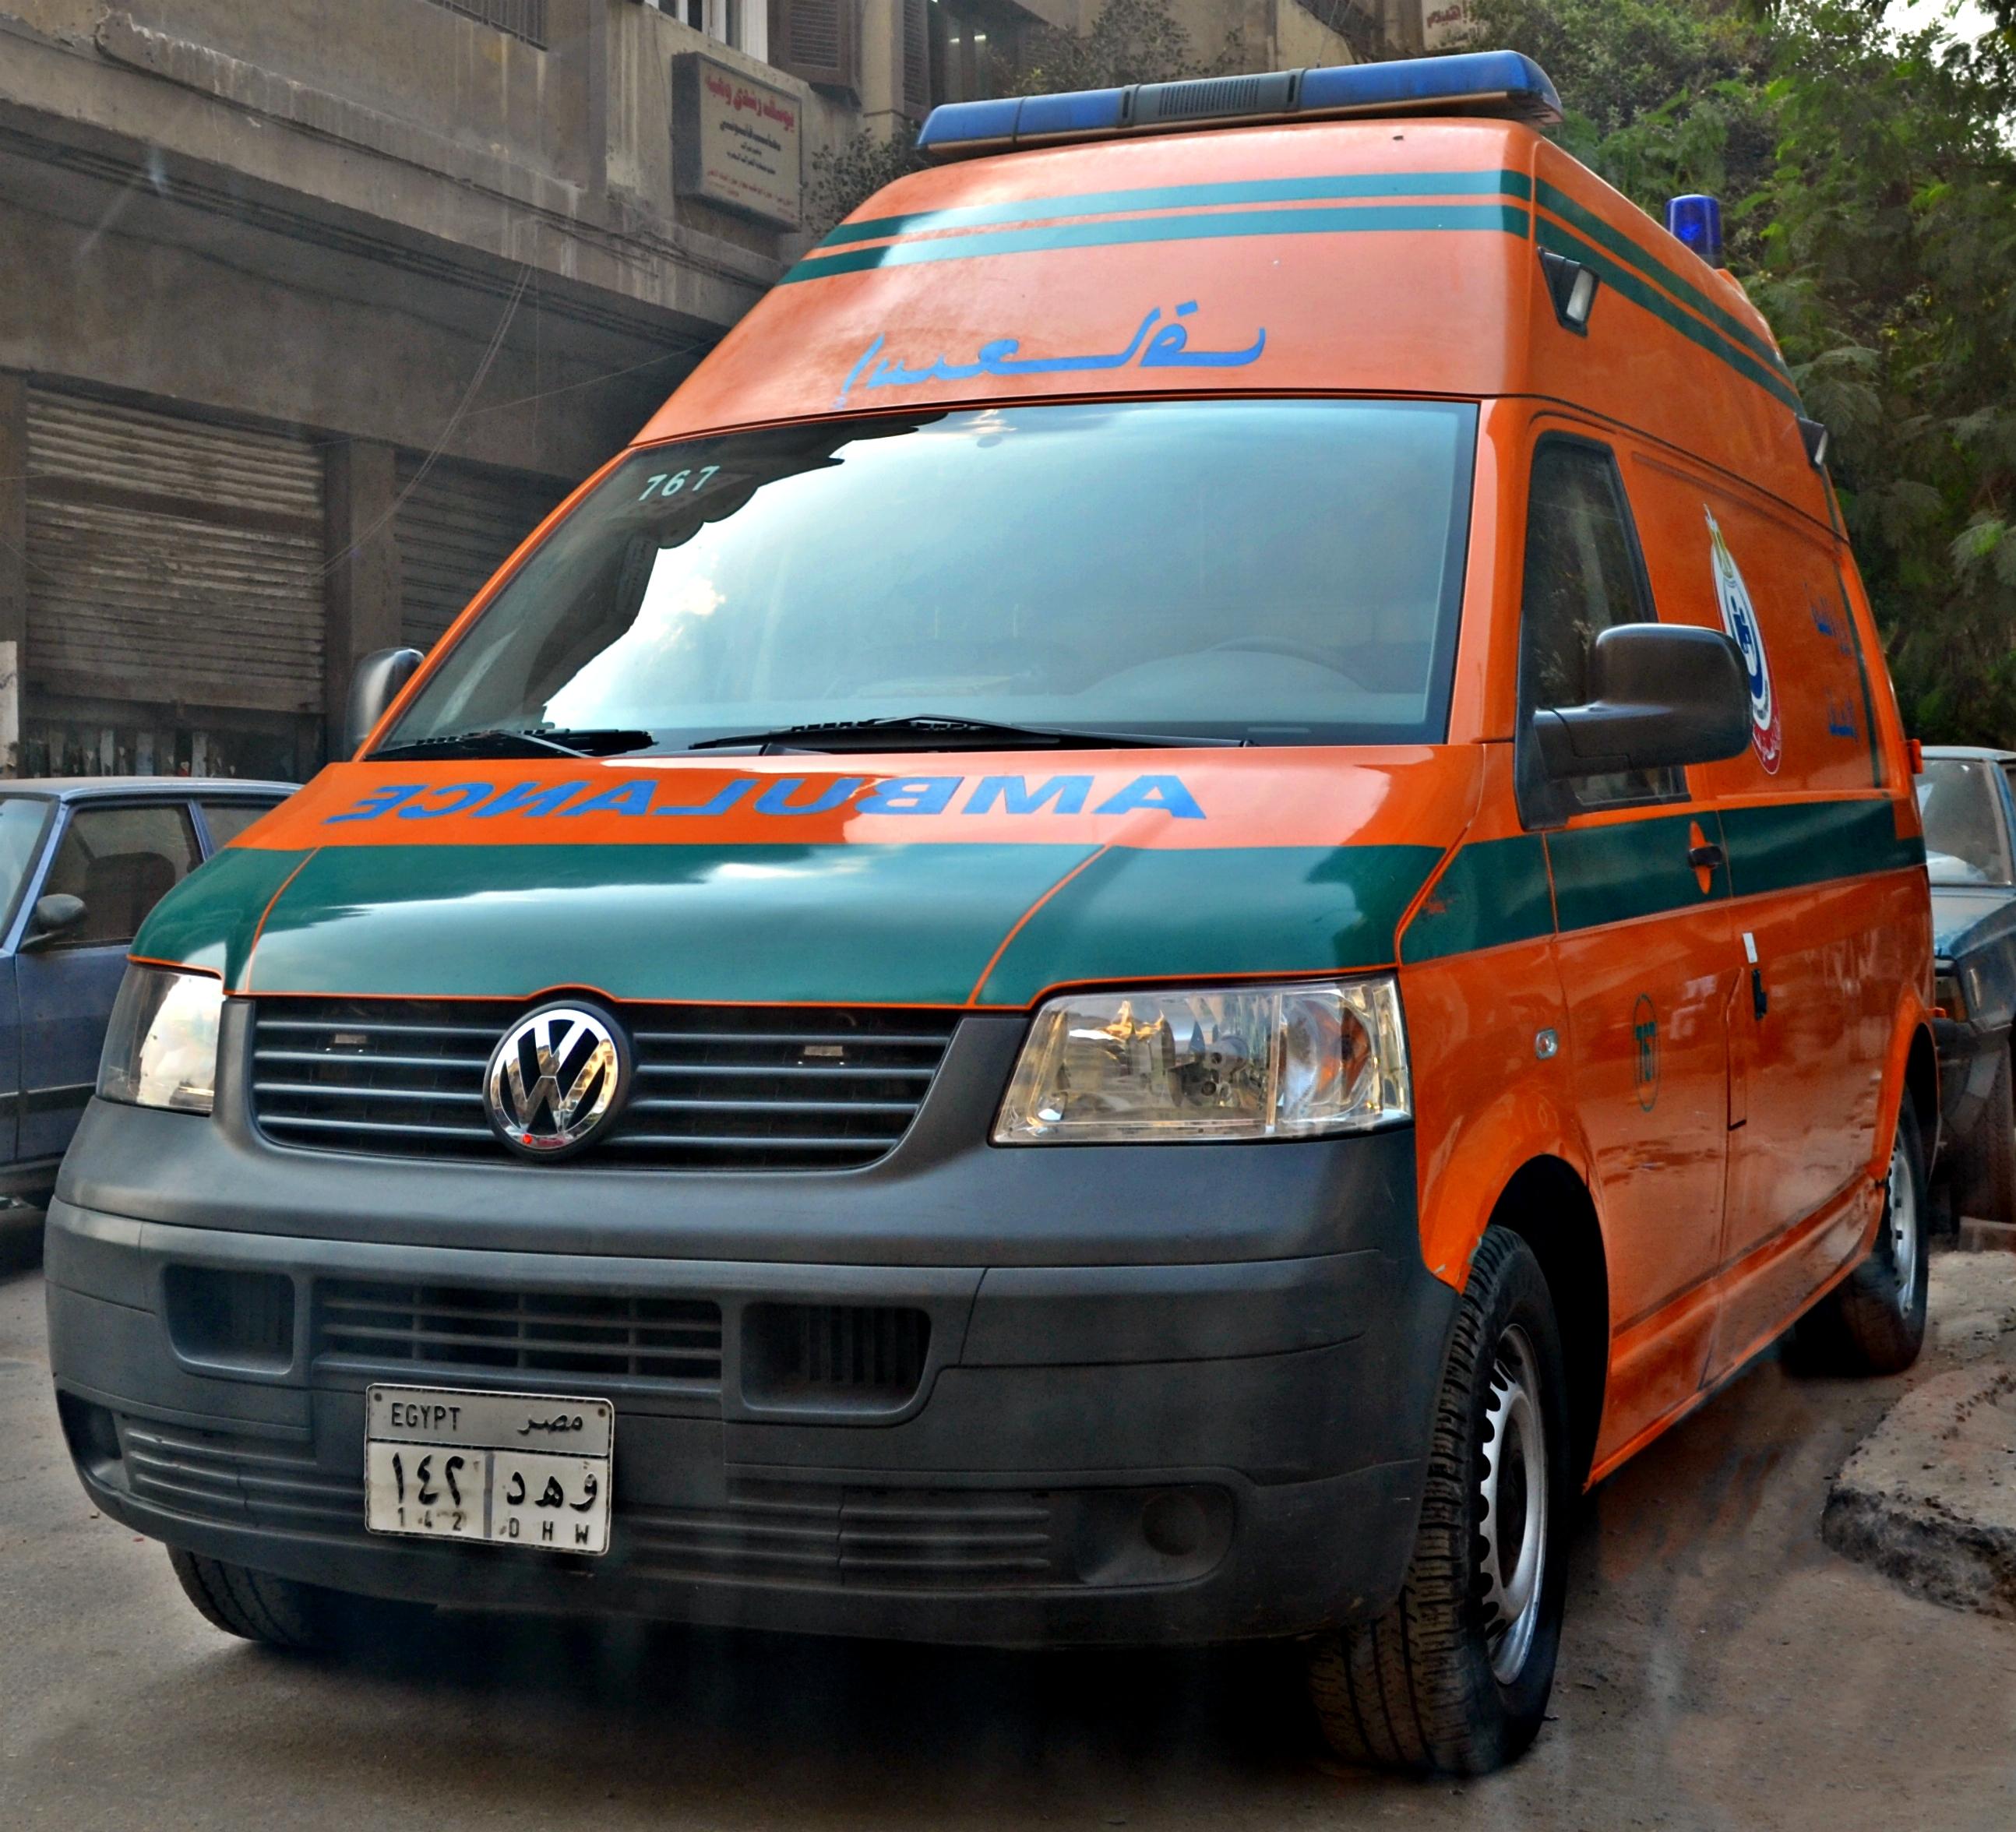 عاجل : حادثة مرورية مروعة أمام جامعة الأزهر بنات القاهرة Ambulance,_Cairo